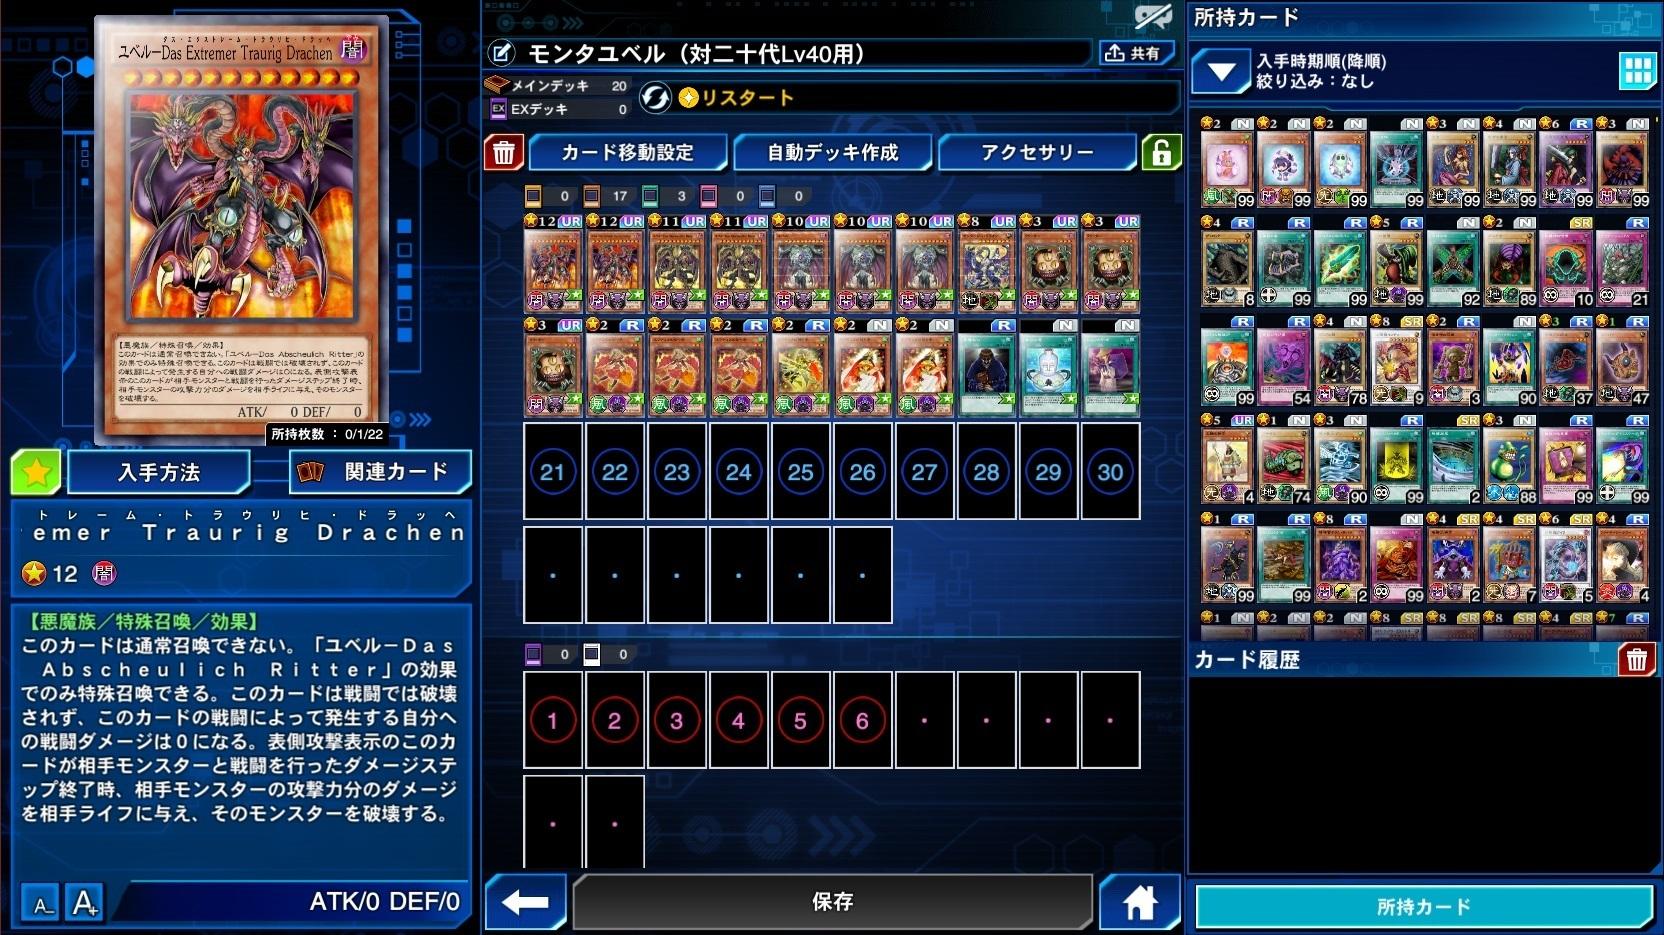 2019.12.8 モンタユベル二十代用1.jpg